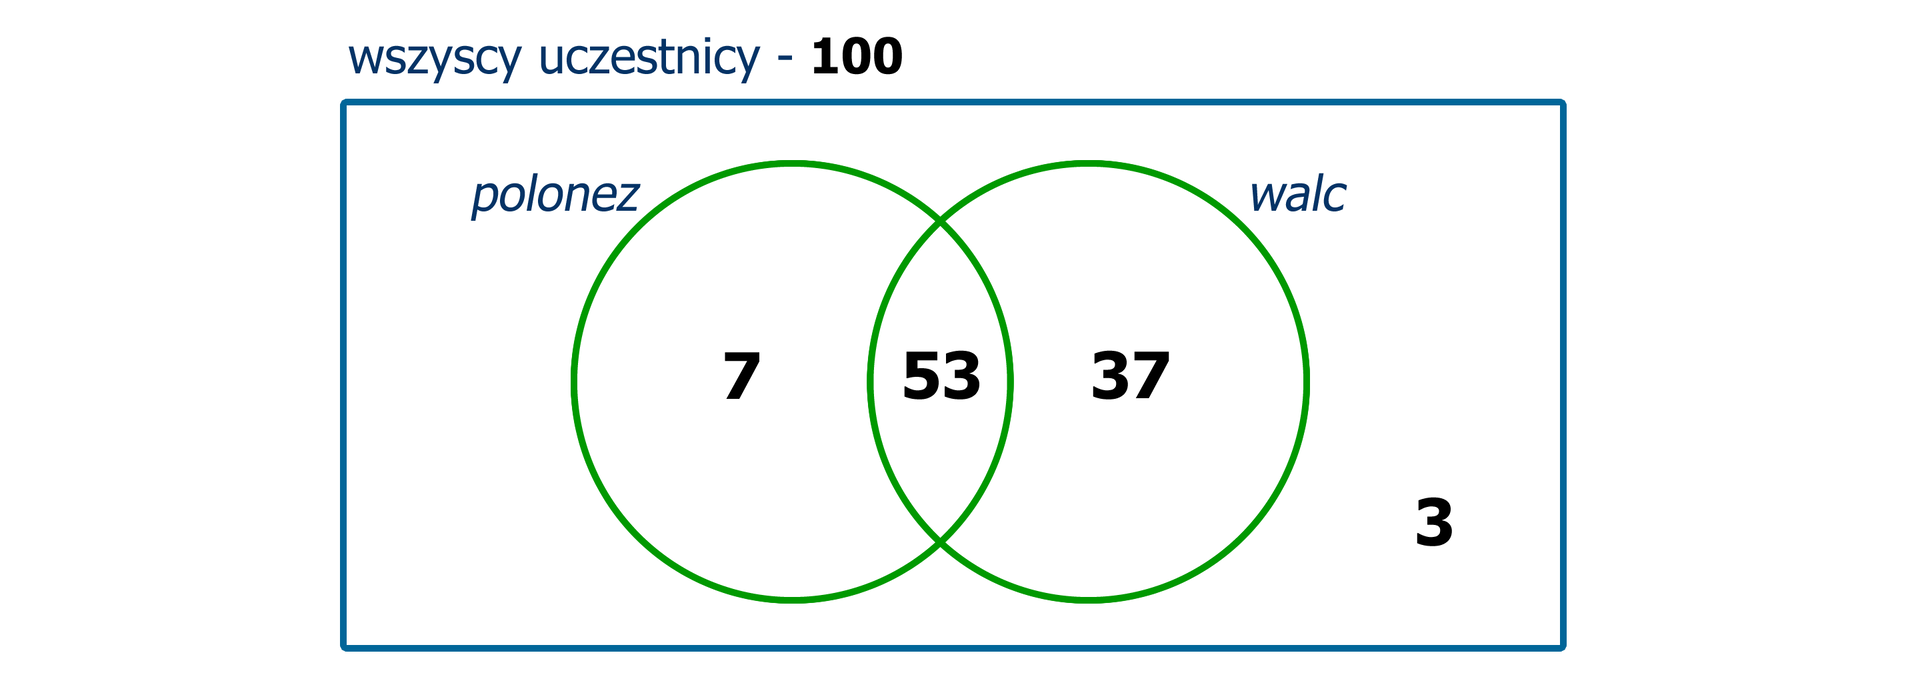 Rysunek okręgów ilustrujących zbiory uczniów, którzy tańczyli poloneza iwalca na studniówce. Zbiór polonez zawiera elementy – 7 i53. Zbiór walc zawiera elementy – 37 i53. Część wspólna zbiorów – element 53. Poza zbiorami element 3. Zapis: wszystkich uczestników 100. Schemat jest rozwiązaniem zadania.